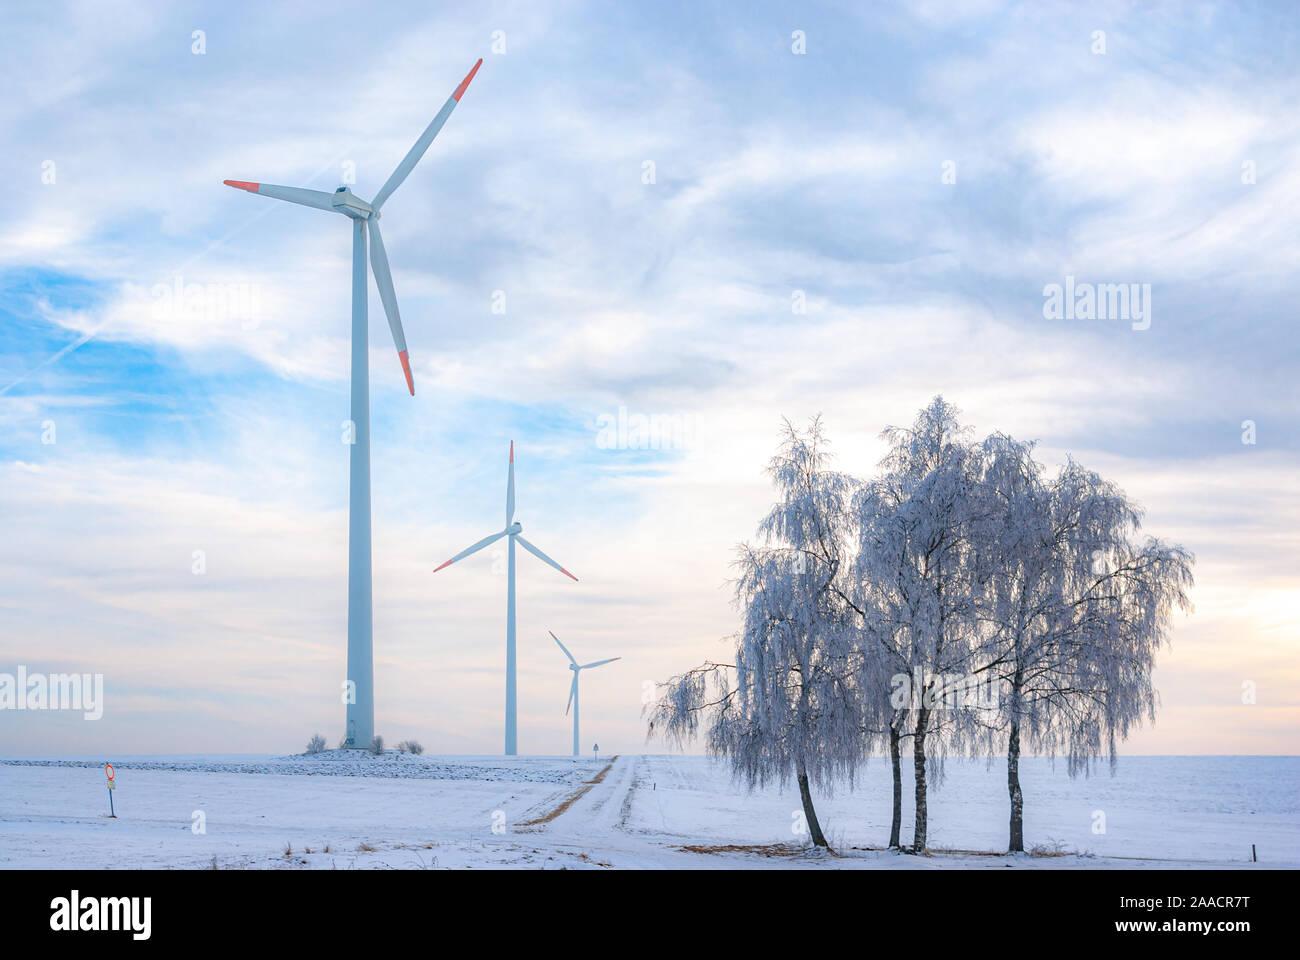 Windpark im ländlichen Gebiet im Winter, Schwäbische Alb in der Nähe des Dorfes Ingstetten, Baden-Württemberg, Deutschland. Stockfoto